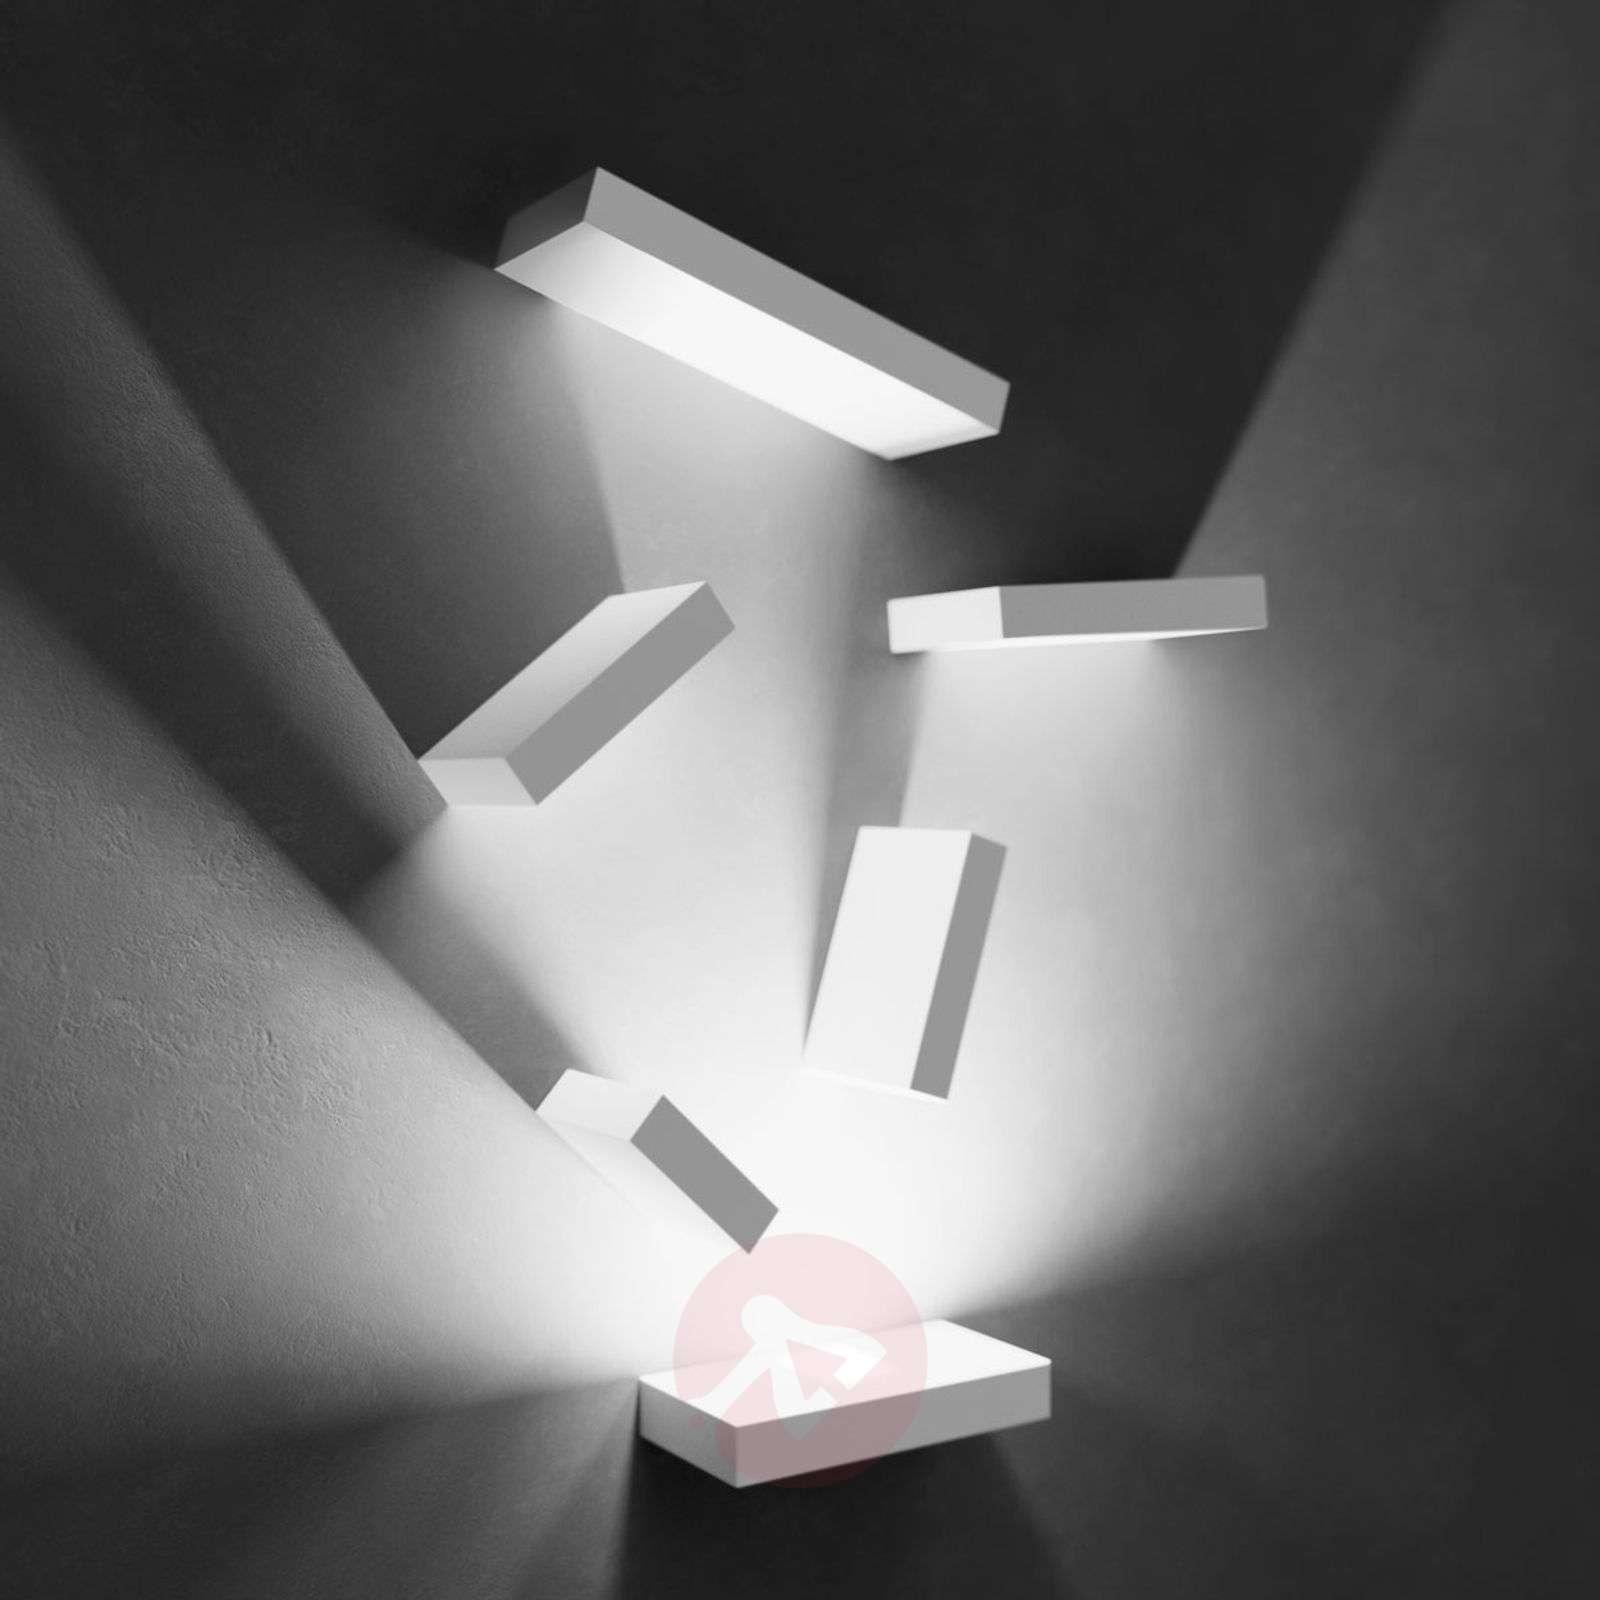 Kiehtova LED-seinävalaisin Set-9515078-01